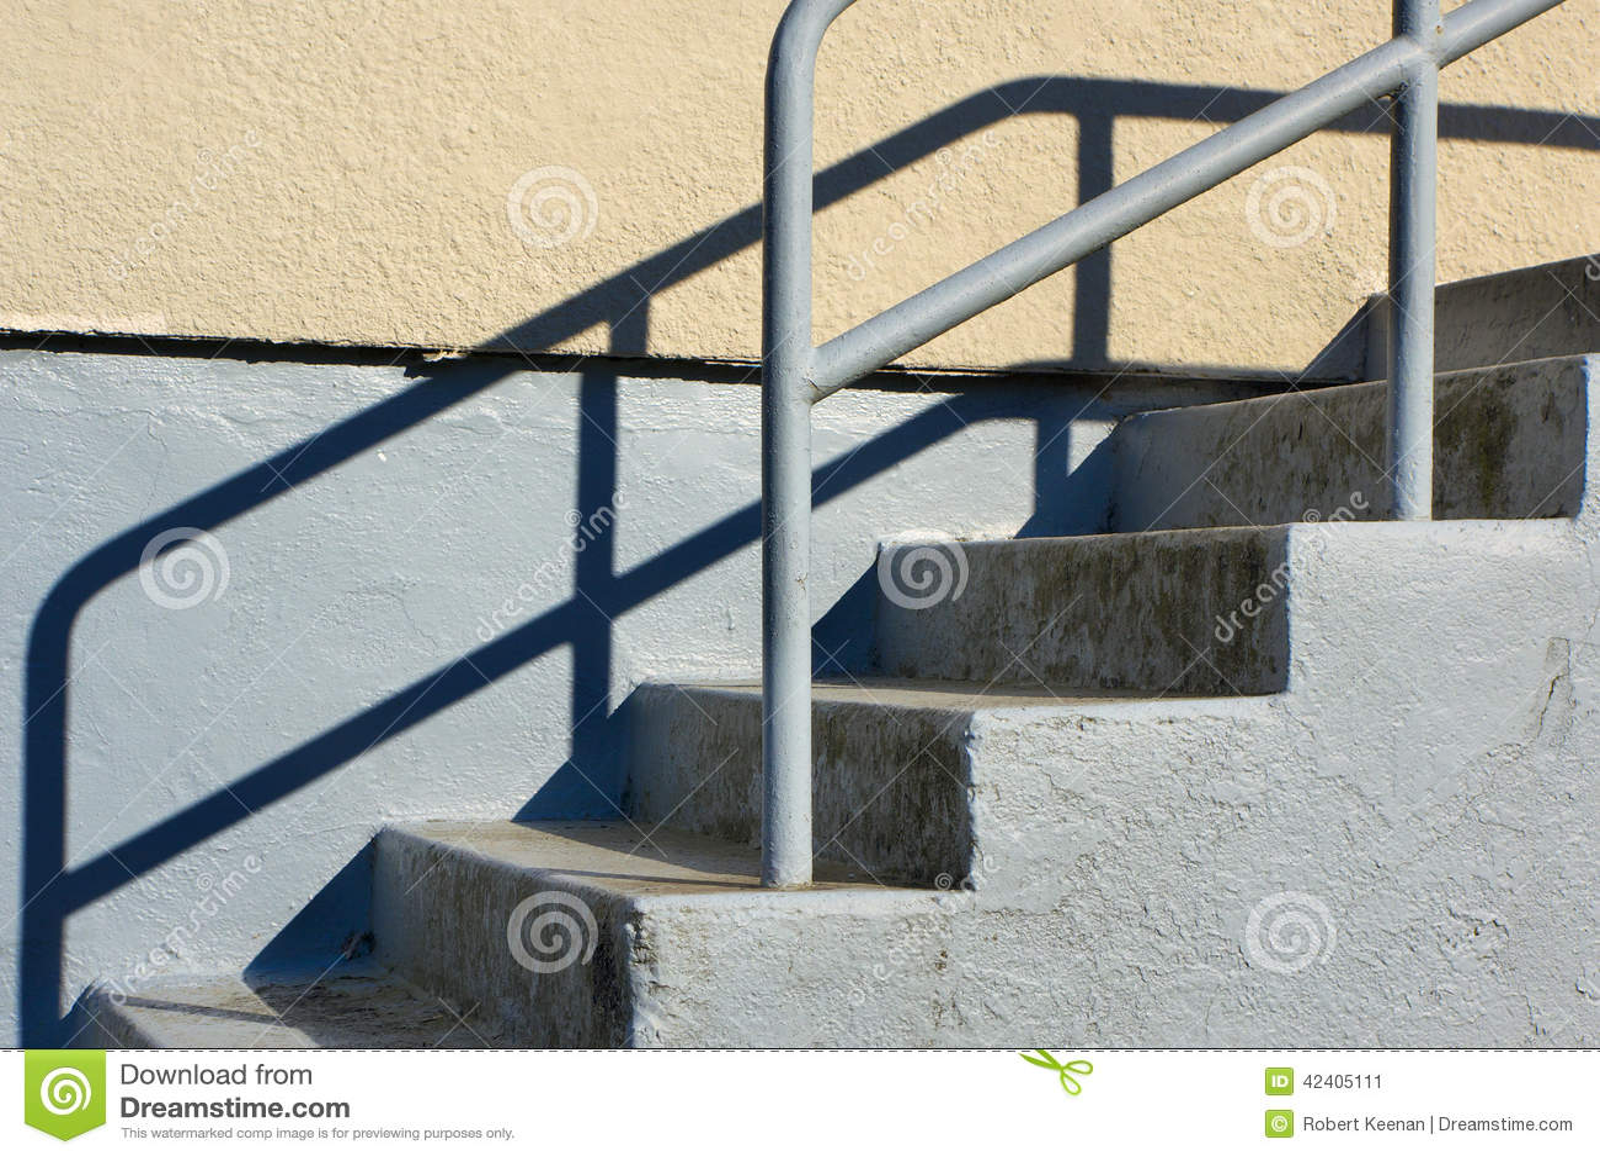 Escalera al aire libre foto de archivo imagen 42405111 - Escaleras al aire ...